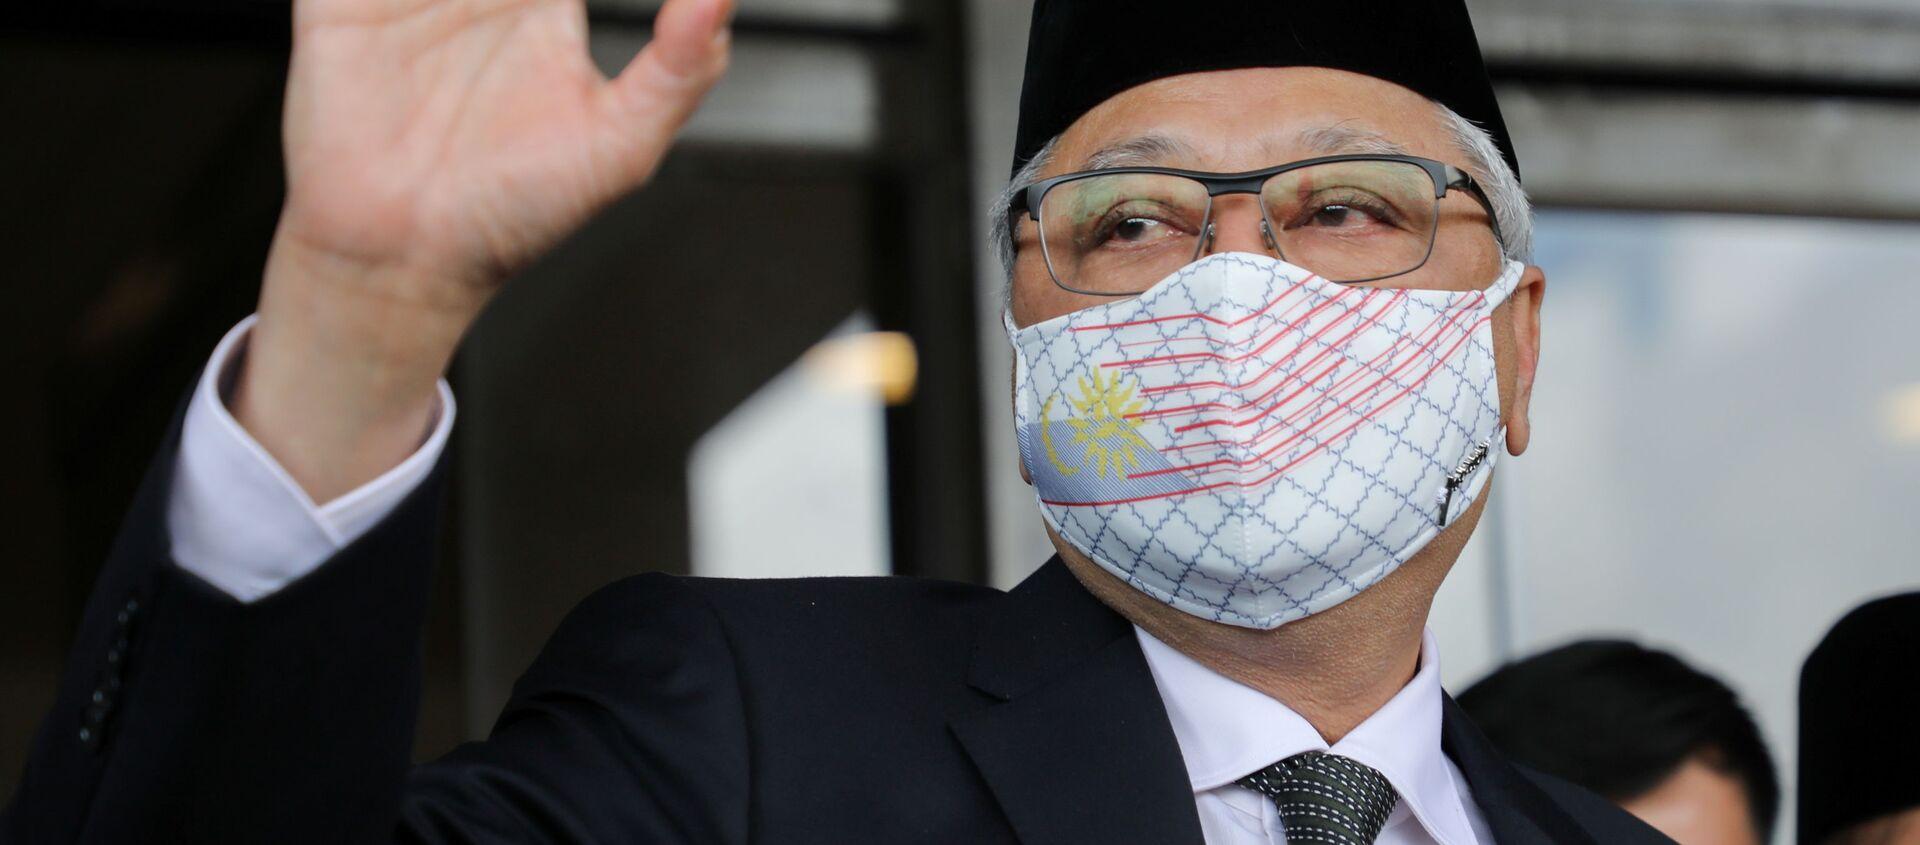 Tân Thủ tướng Malaysia Ismail Sabri Yaakob - Sputnik Việt Nam, 1920, 20.08.2021